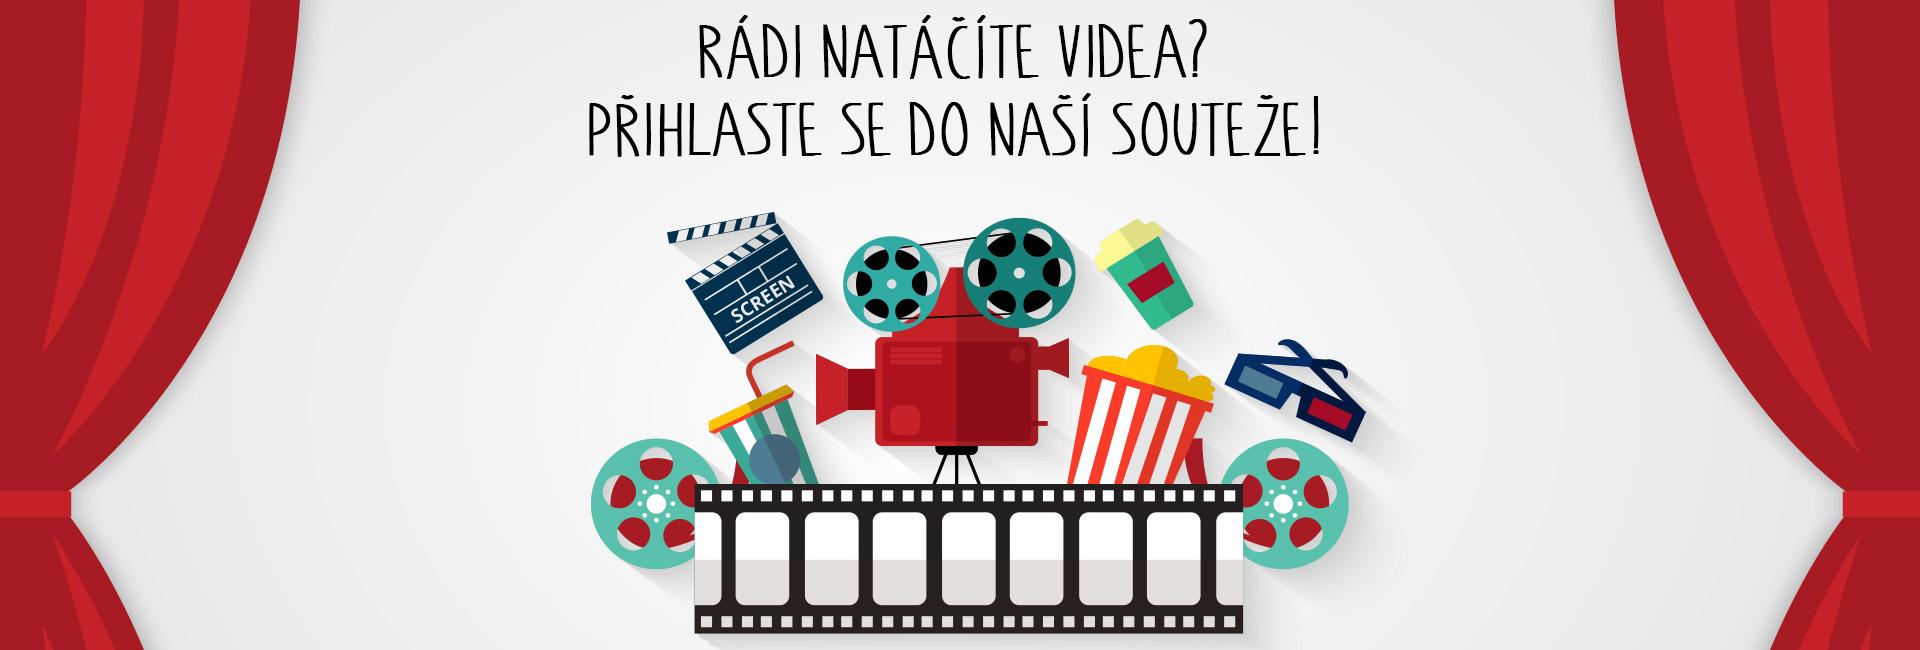 Rádi natáčíte videa? Přihlaste se do naší soutěže!